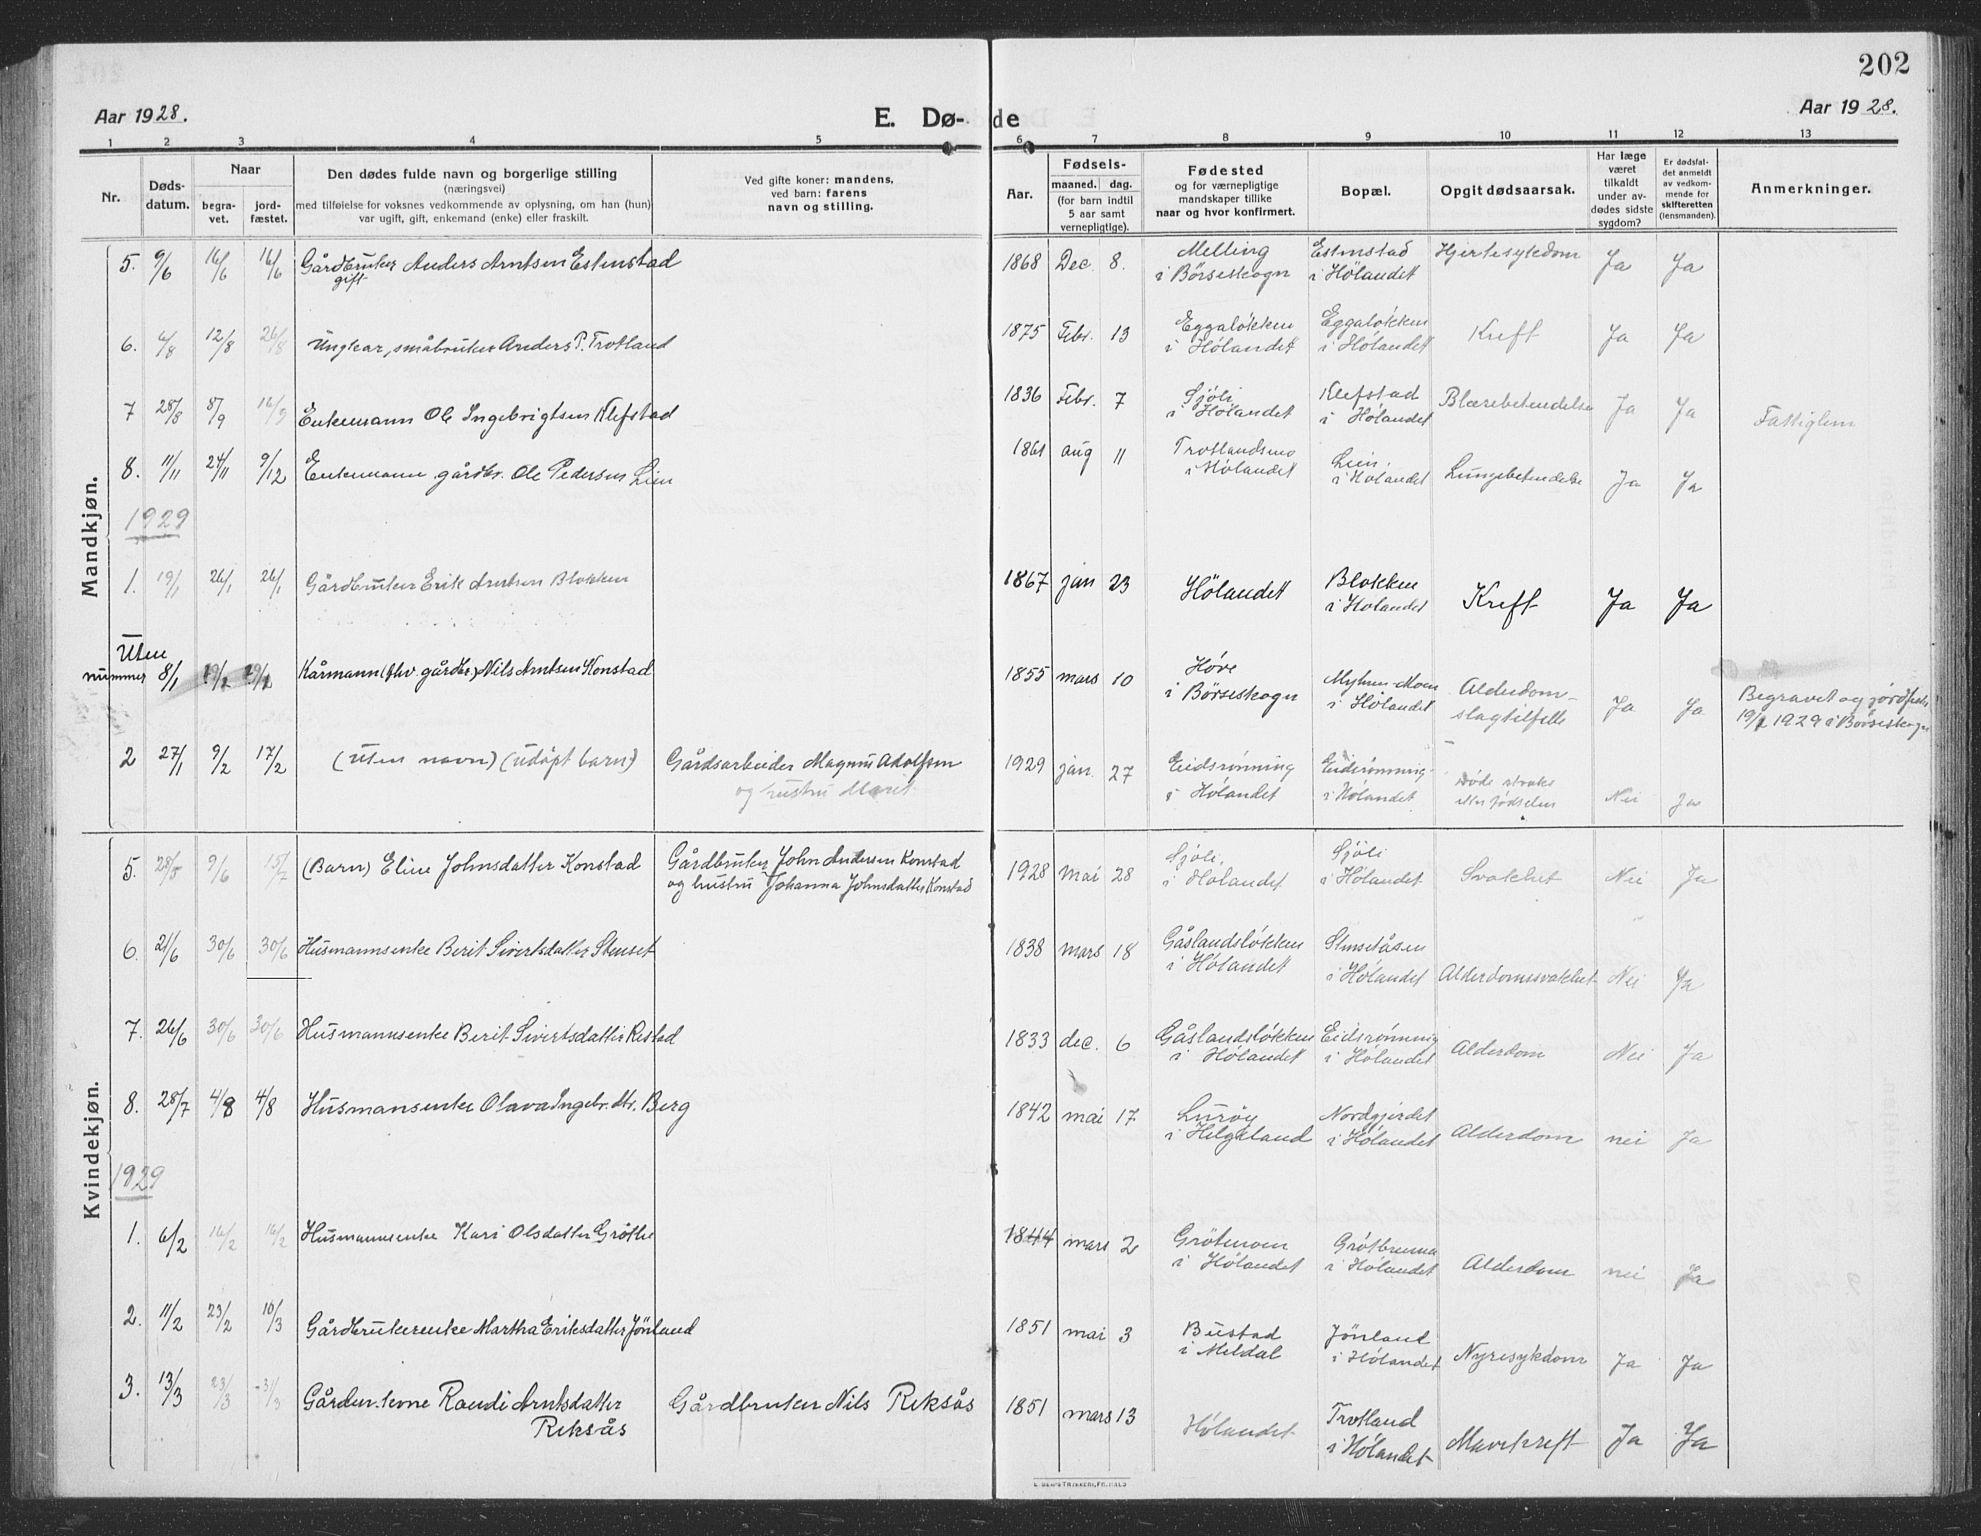 SAT, Ministerialprotokoller, klokkerbøker og fødselsregistre - Sør-Trøndelag, 694/L1134: Klokkerbok nr. 694C06, 1915-1937, s. 202